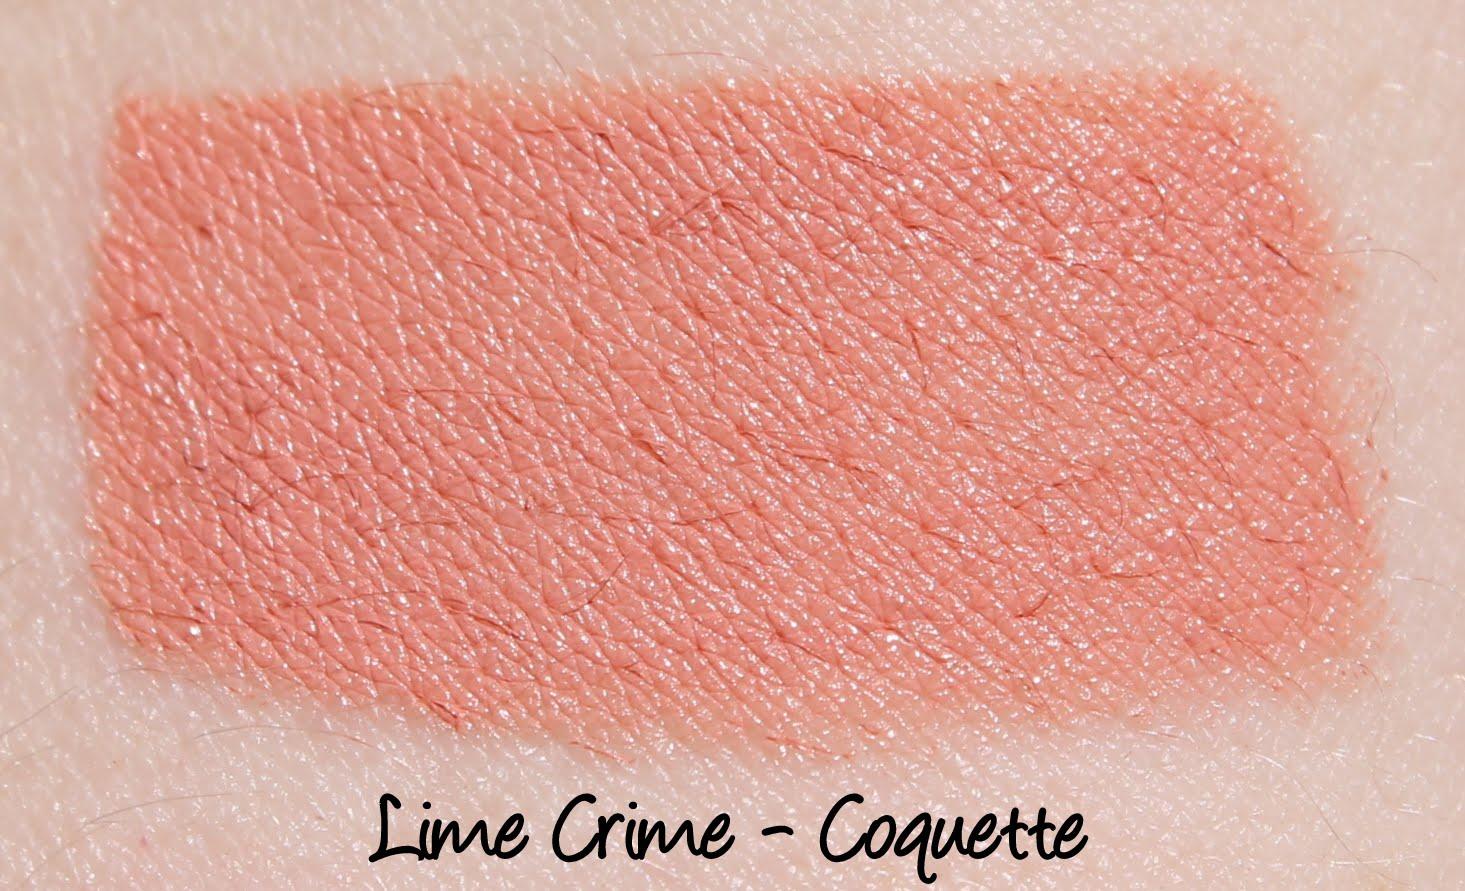 Lime Crime Coquette Lipstick Swatch